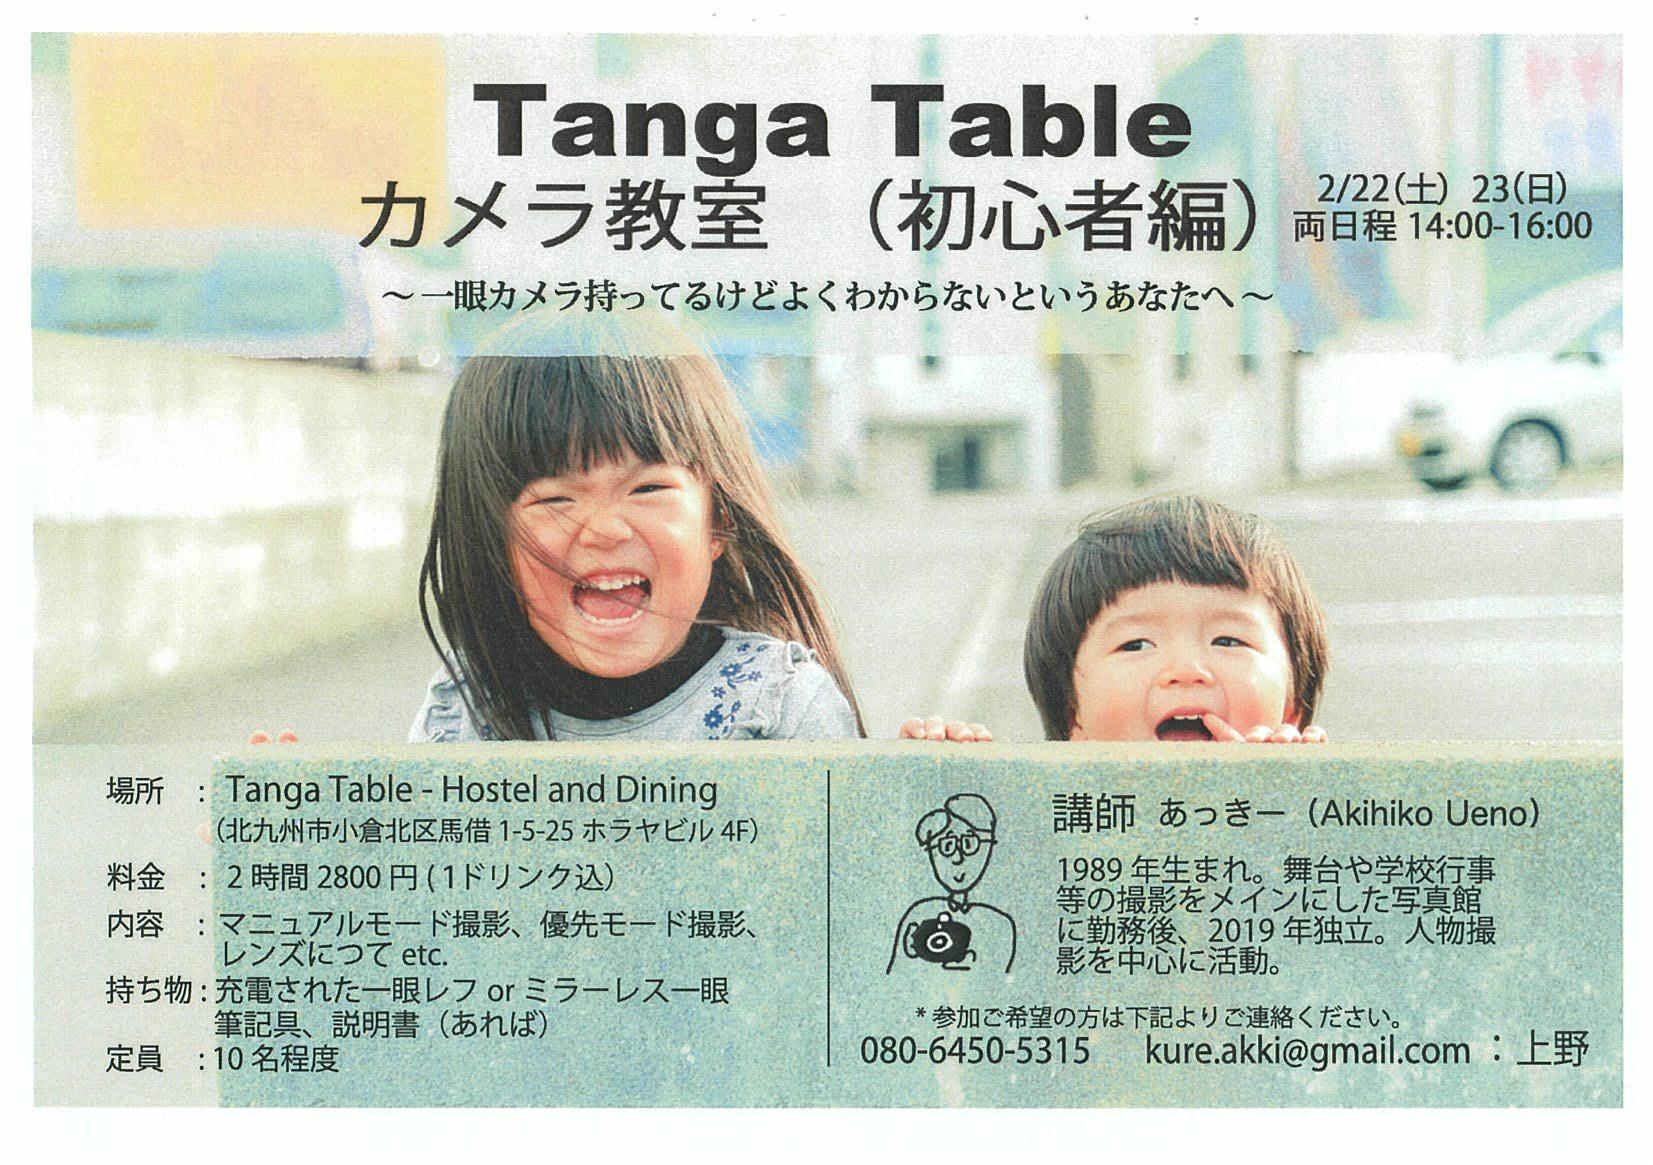 タンガテーブル カメラ教室(初心者編).jpg